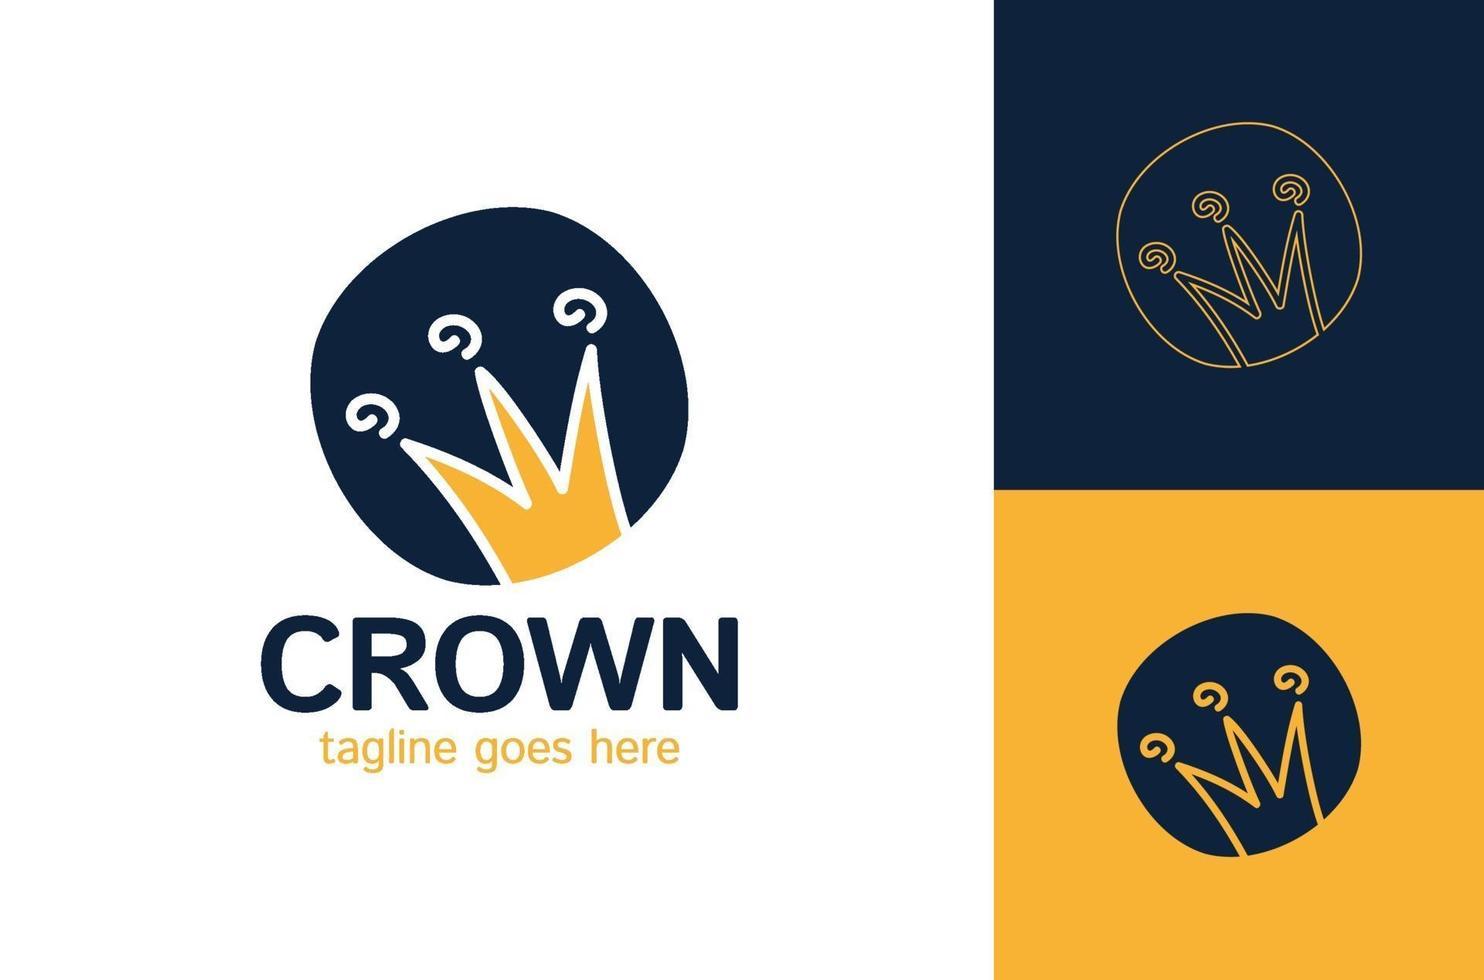 grafisch modernistisch element met de hand getekend. koninklijke kroon van goud. geïsoleerd op een witte achtergrond. vector illustratie. logo, logo